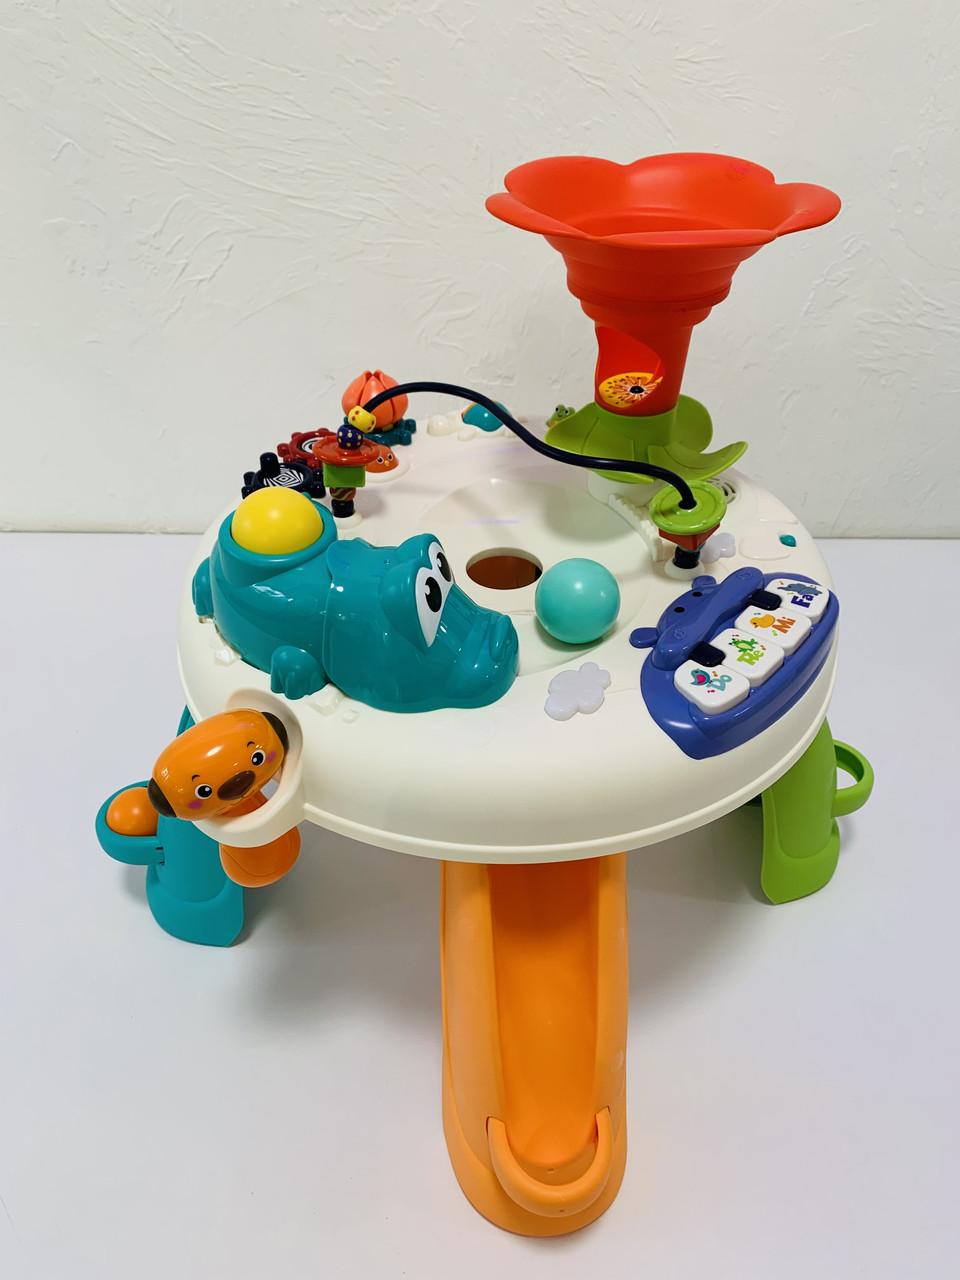 Розвиваючий ігровий столик Hola E8999